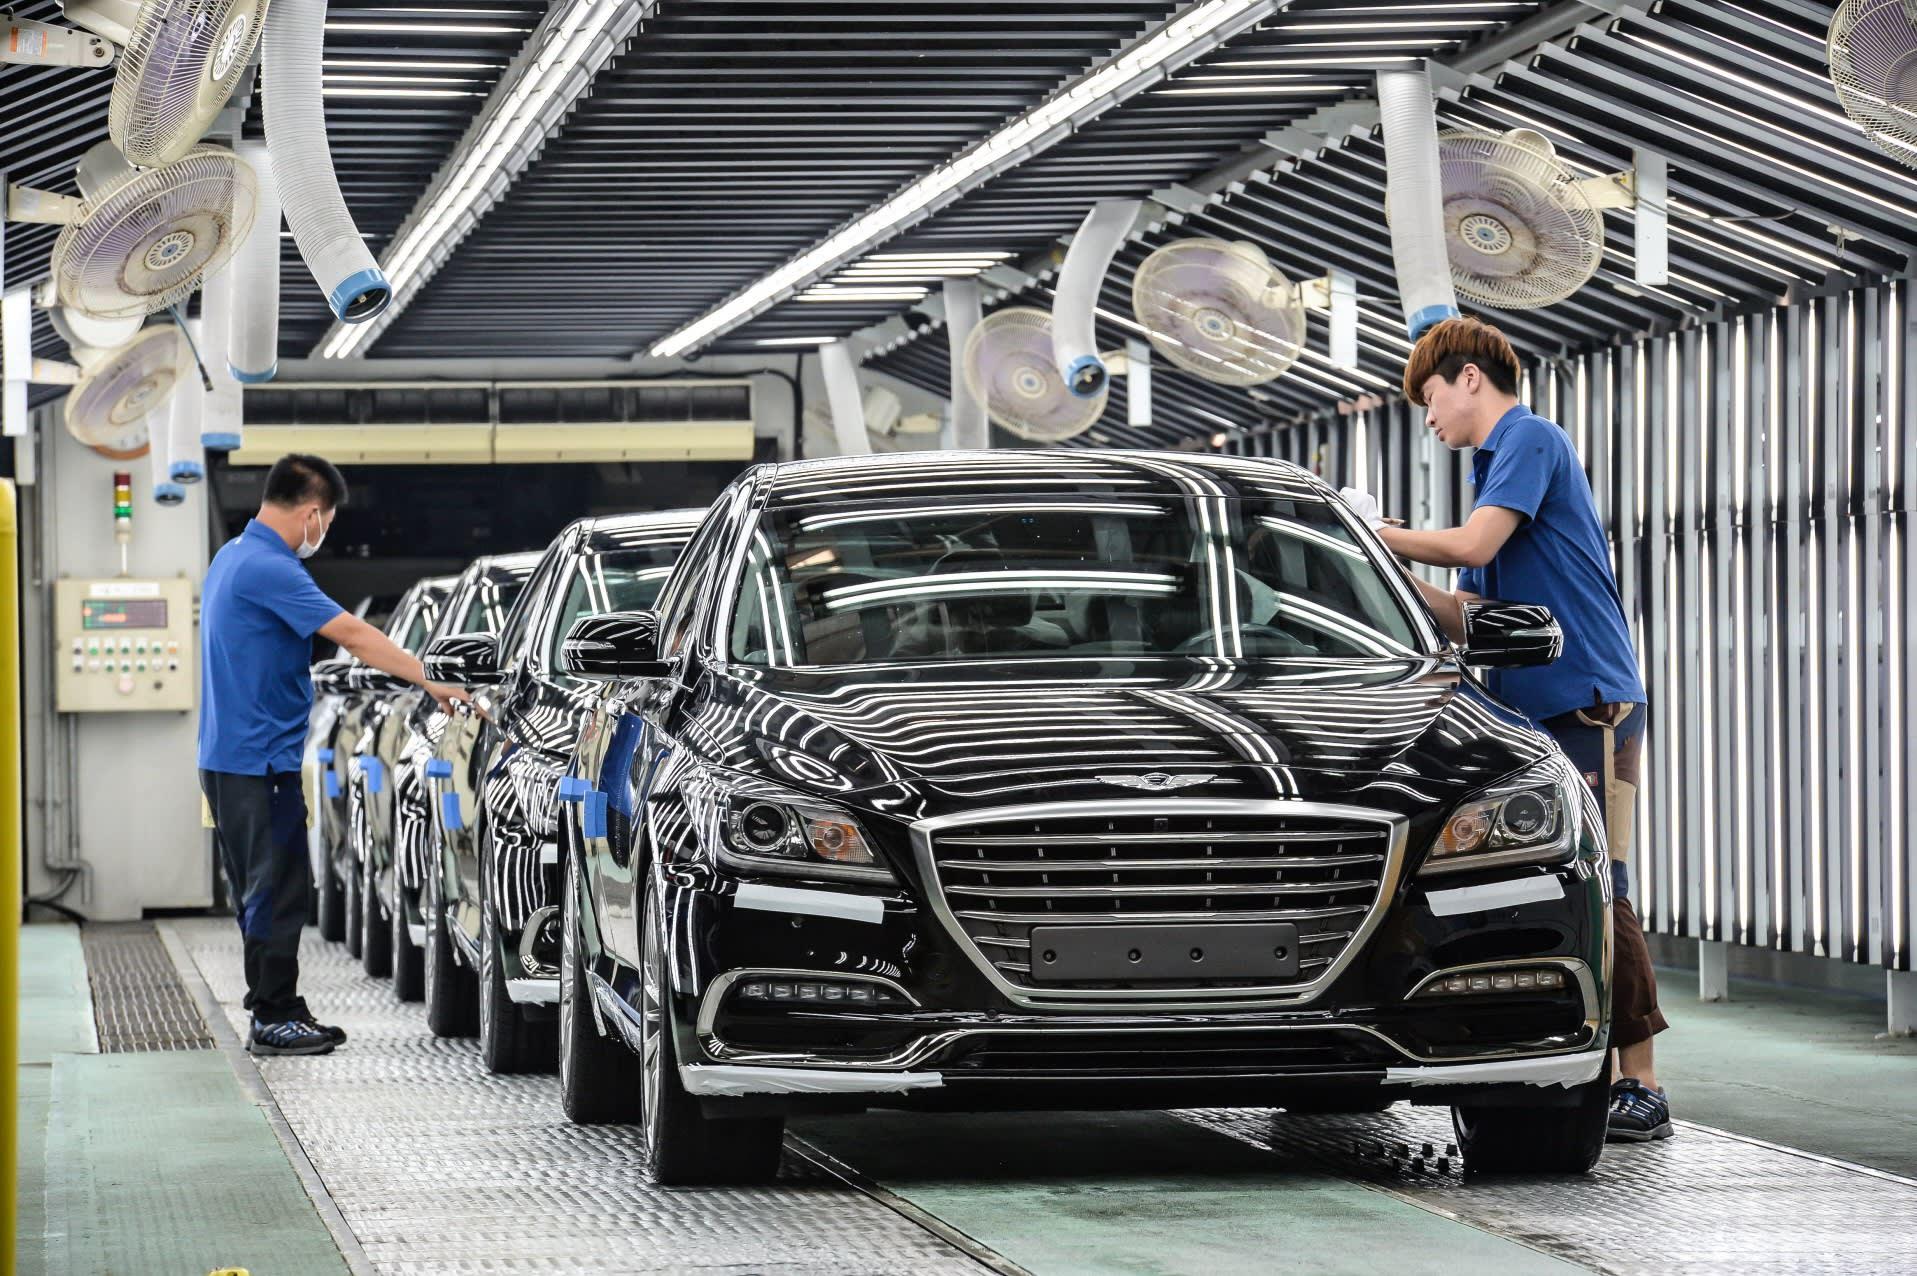 Hyundai - полный каталог моделей, характеристики, отзывы на все автомобили hyundai (хендай)